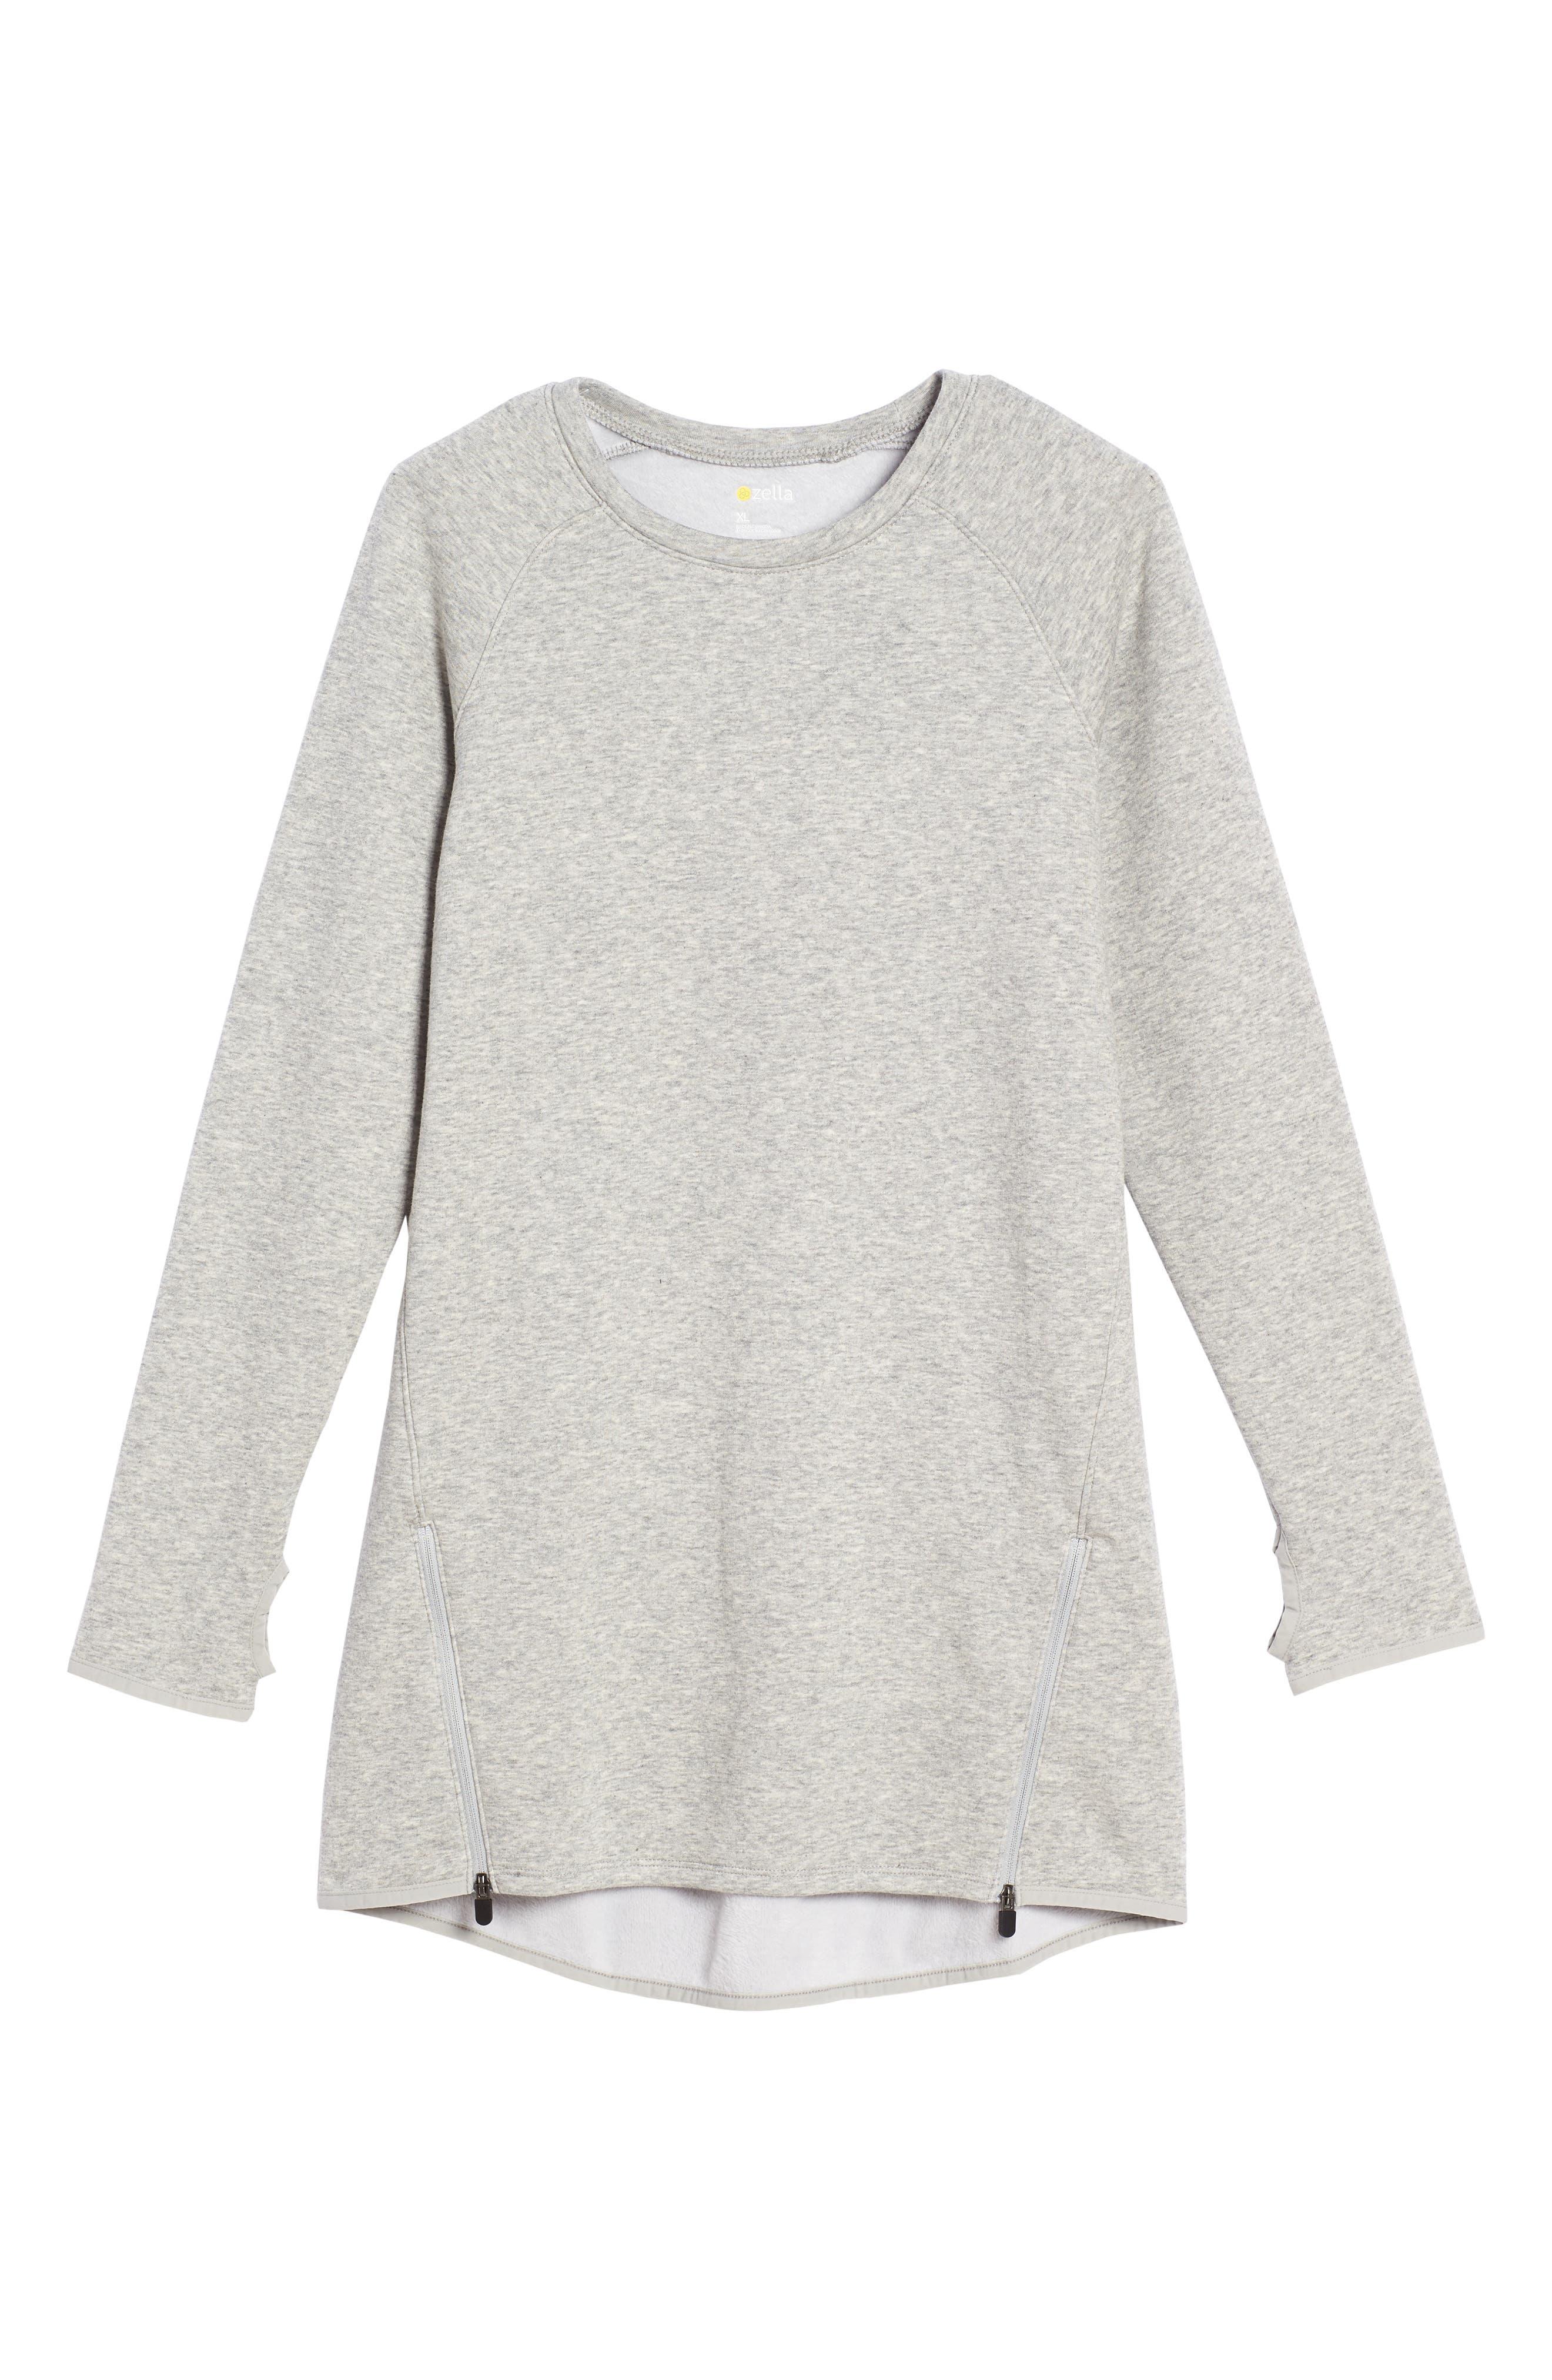 Zella Girl Zipper Sweatshirt Dress (Little Girls & Big Girls)